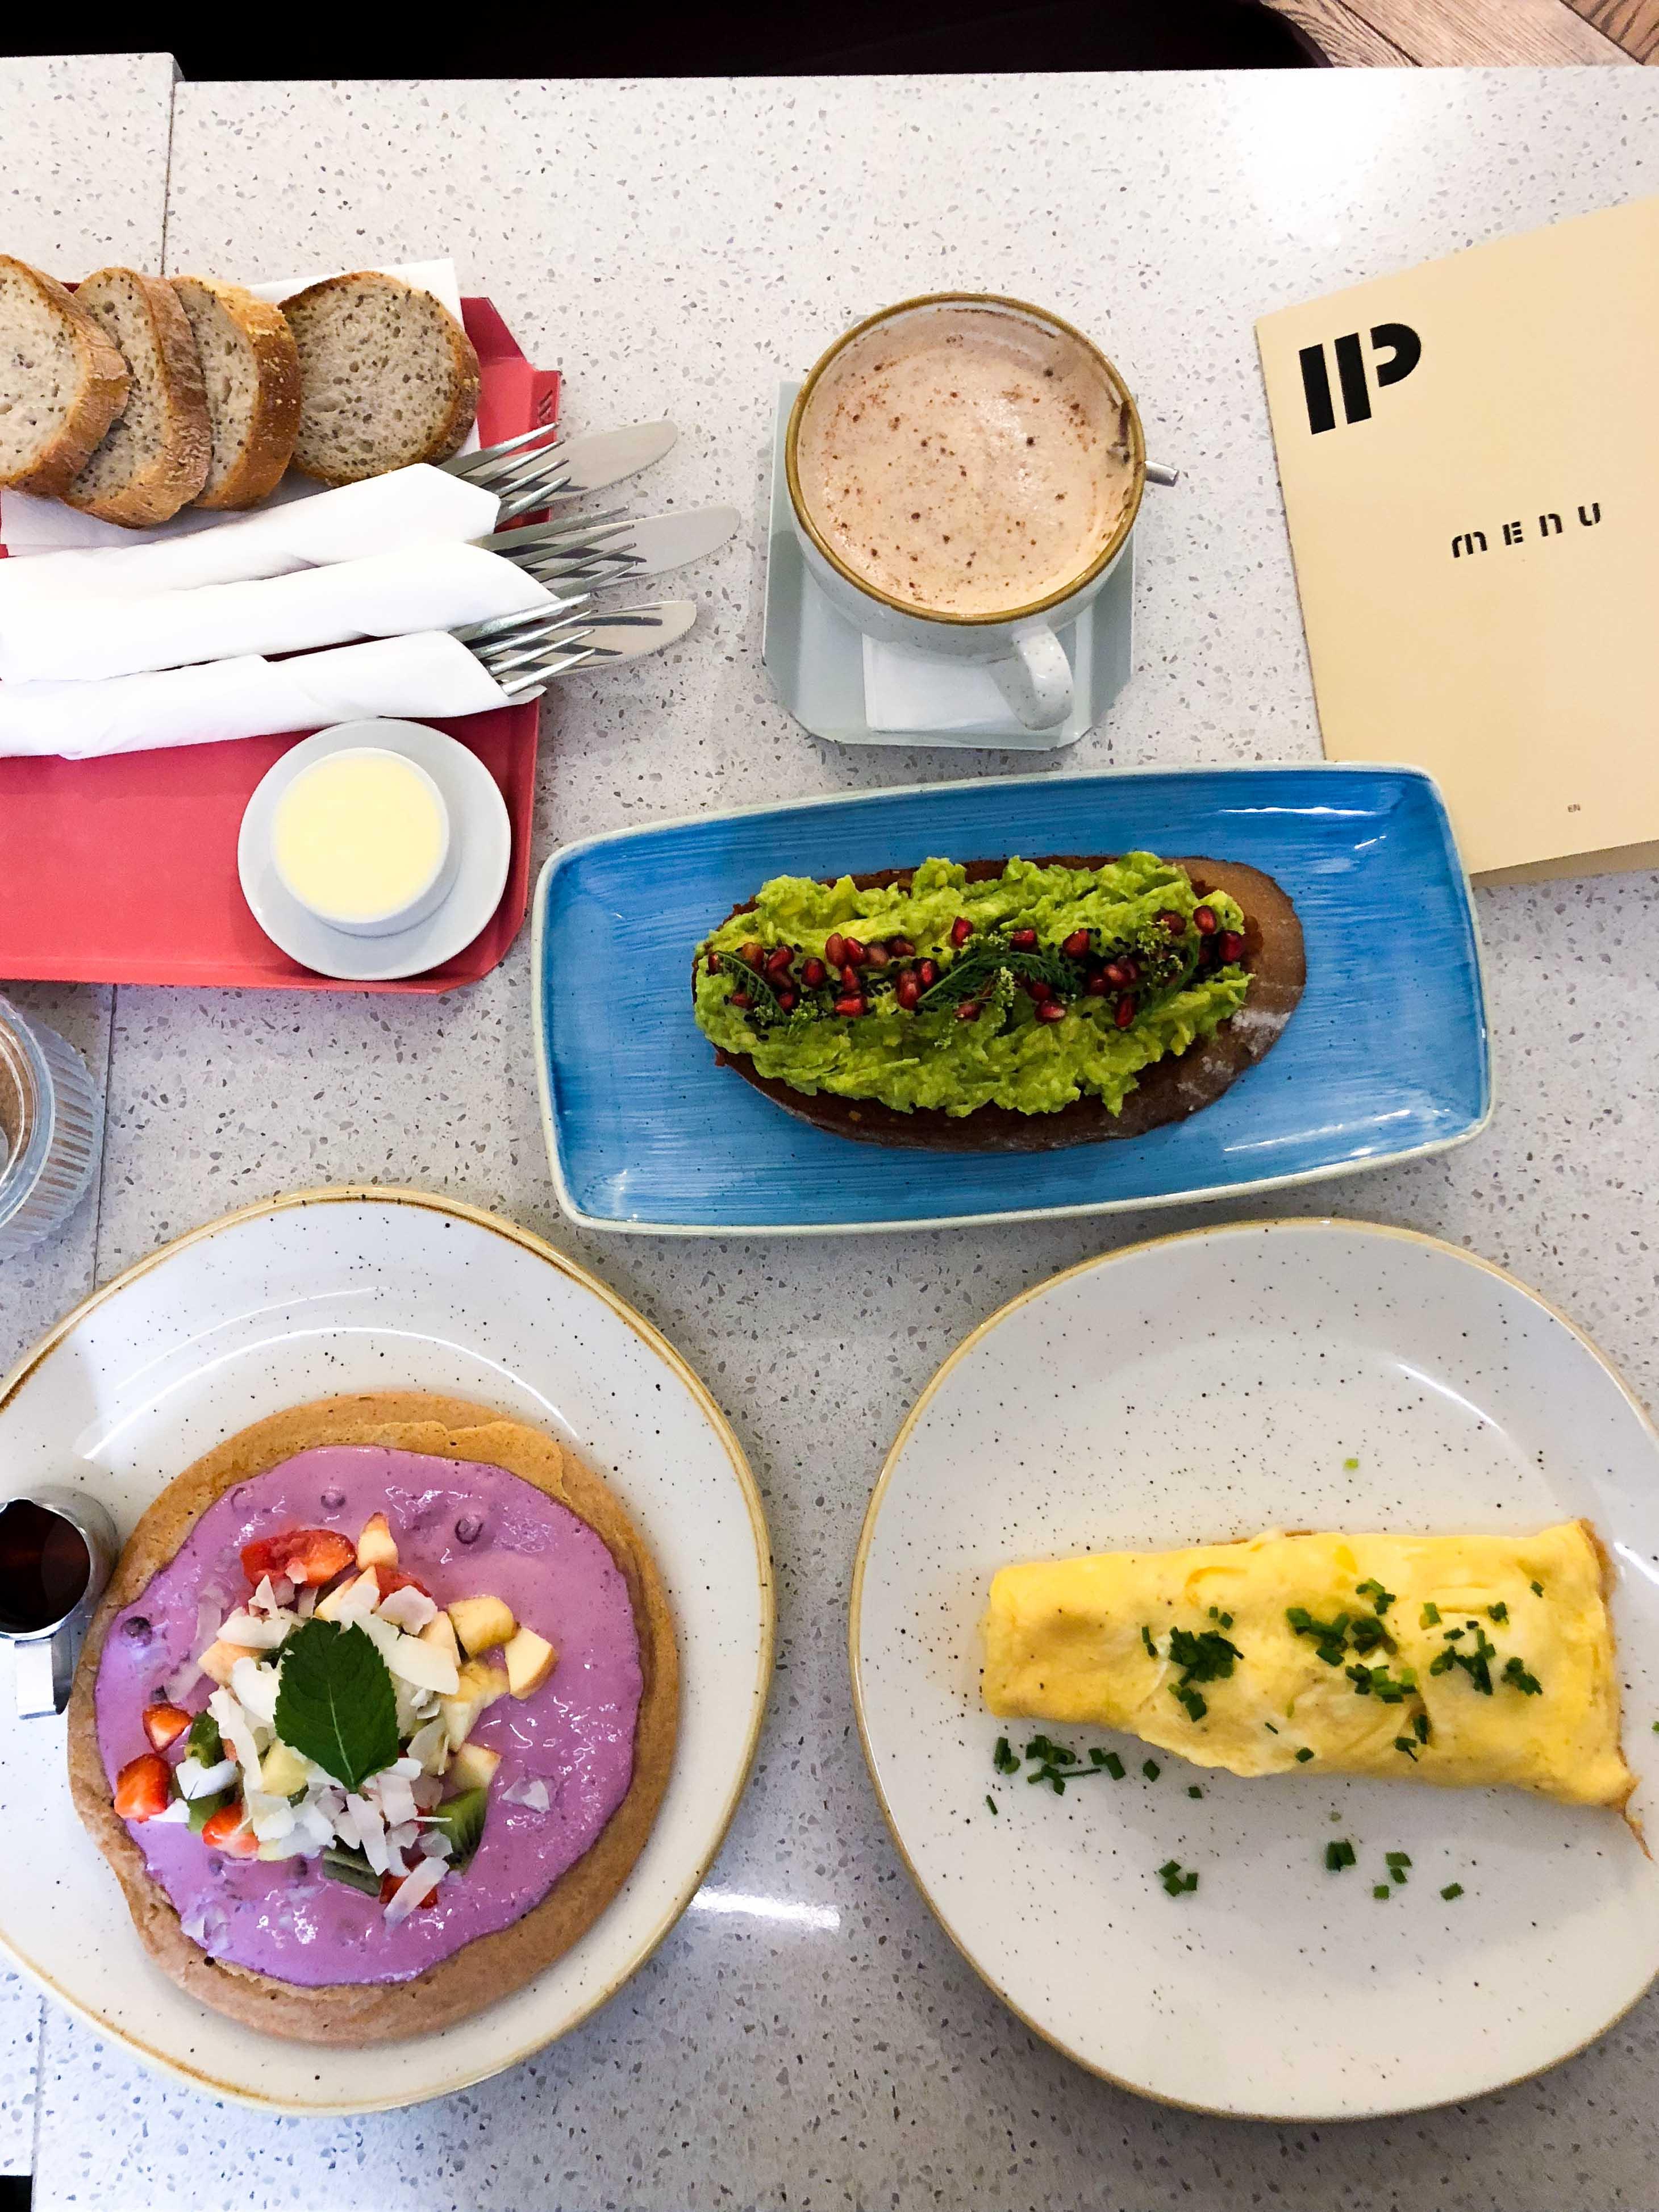 Pauseteria Frühstück Restaurant Insider Tipps Prag Food Tipps besten Restaurants Prag Pancakes Avocadobrot Omelette